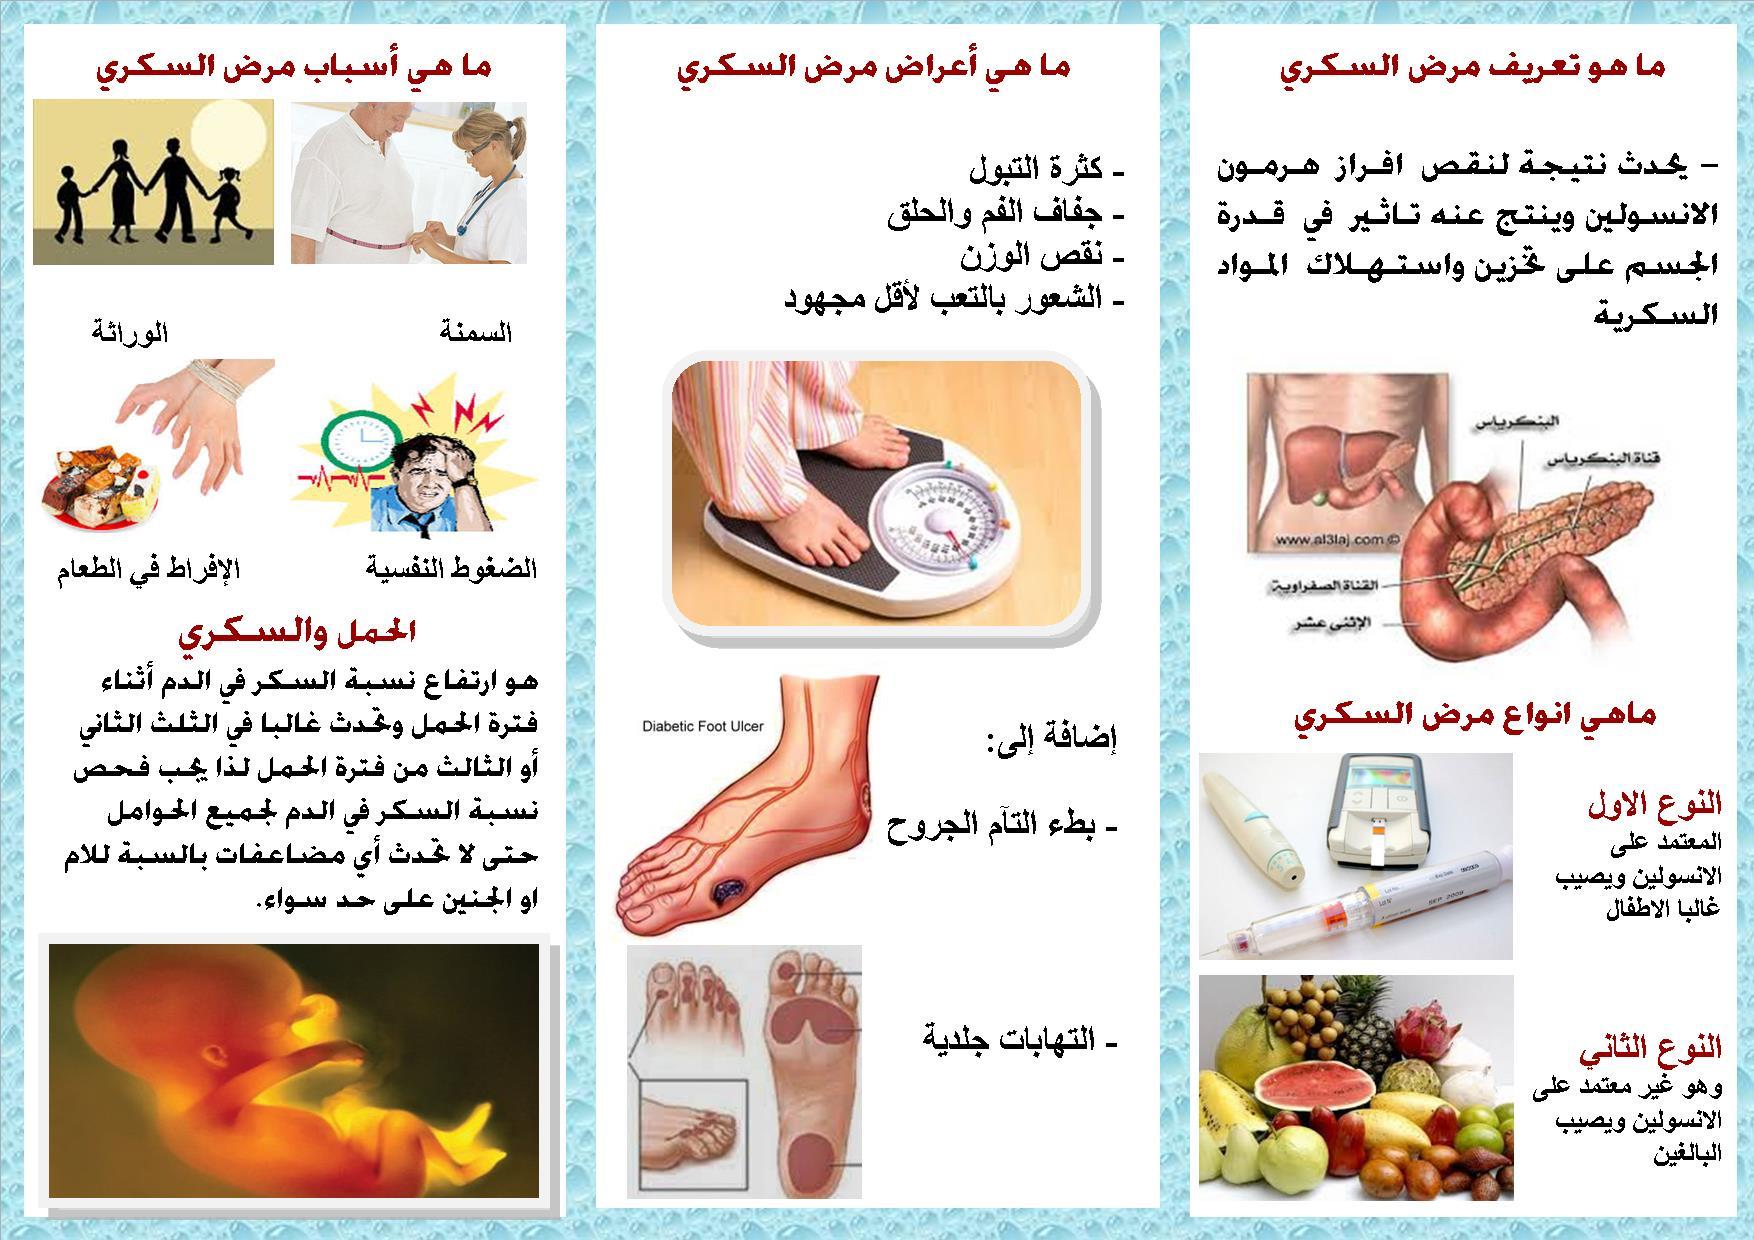 499c4d03b مرض السكري هو مرض مزمن من الصعب التخلص منه ويحدث نتيجة حدوث خلل في مستوى  نسبة السكر في الدم حيث أن حدوث أي خلل في البنكرياس وهو العضو المسئول ...